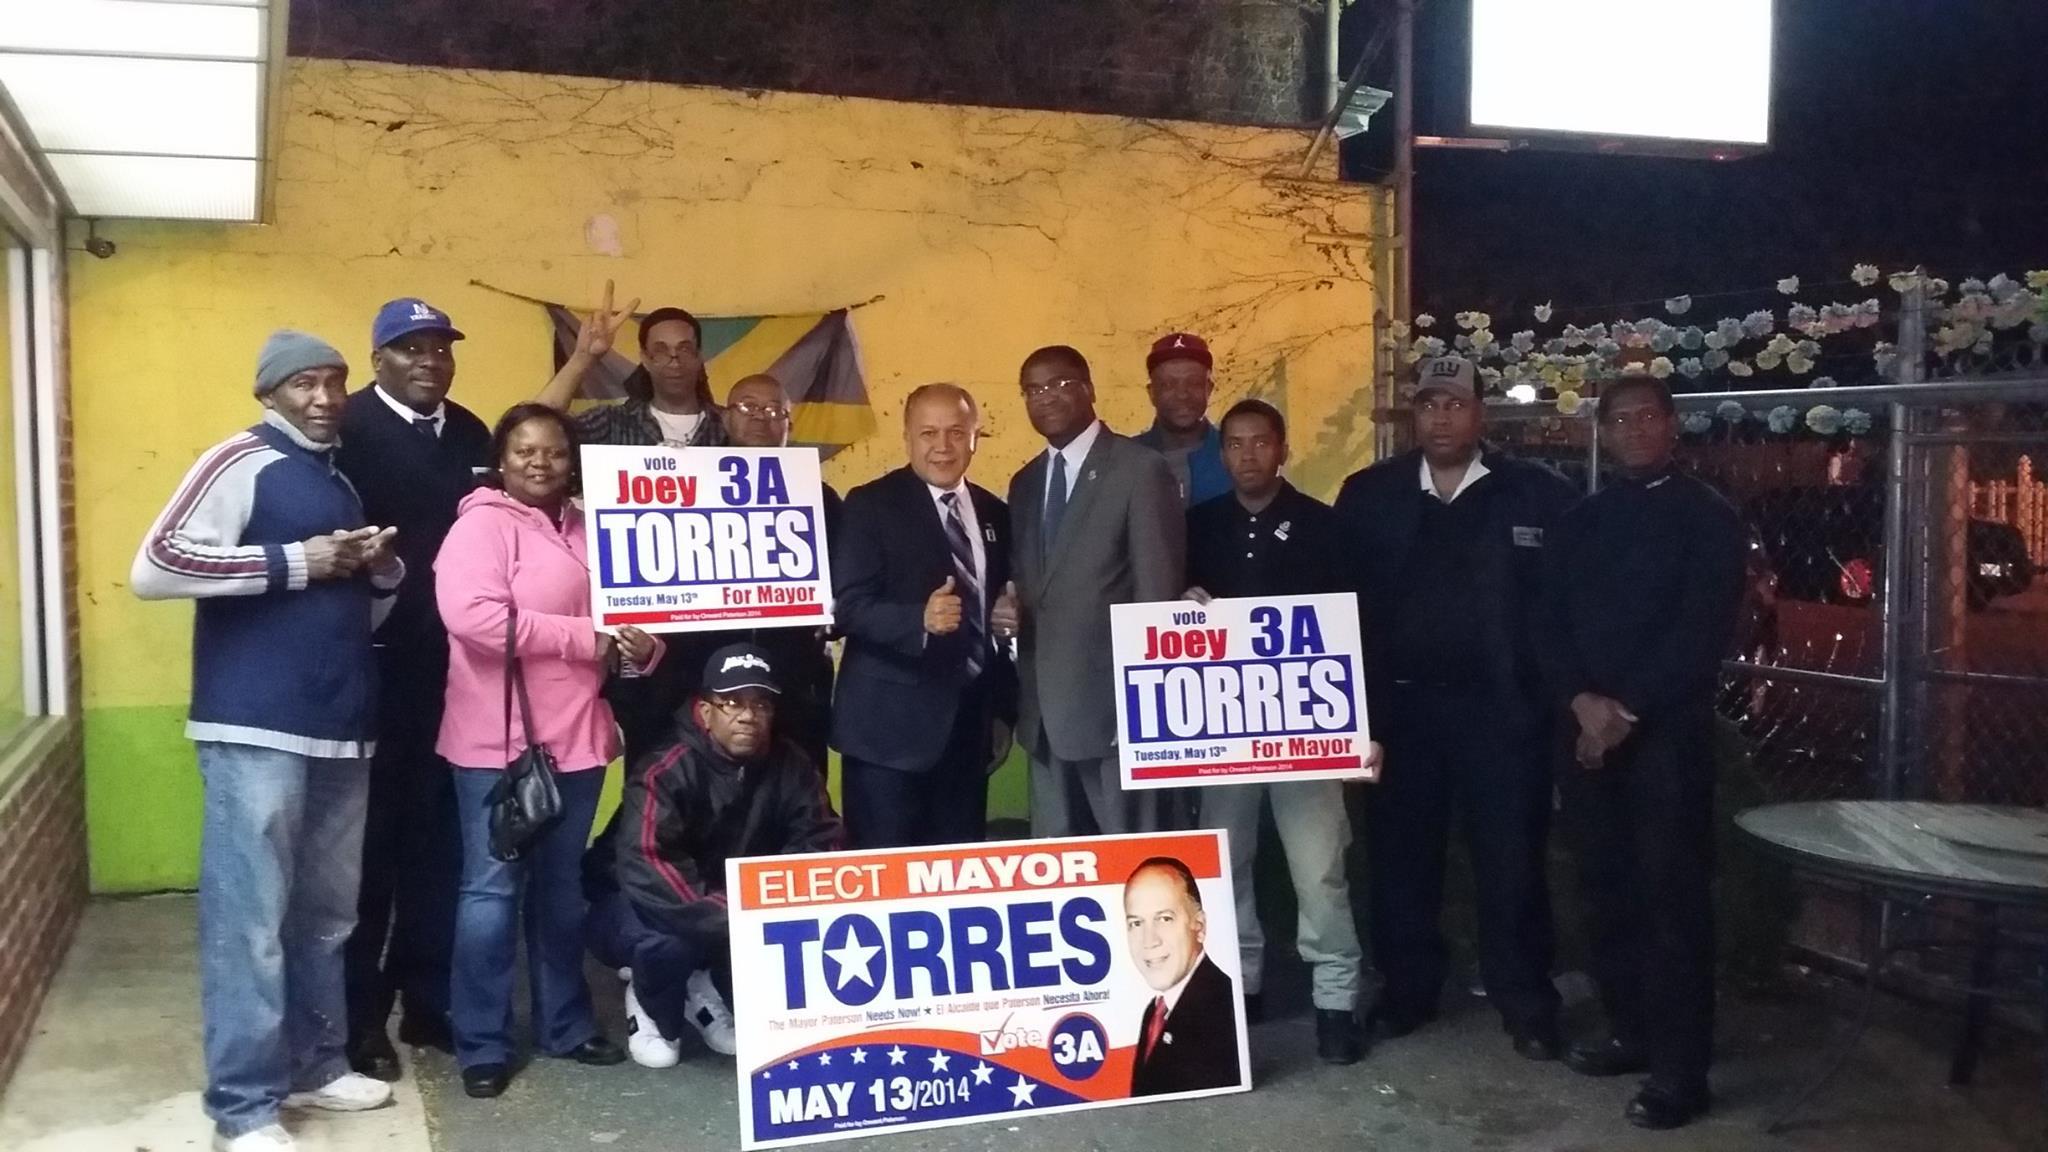 William-McKoy-and-Jose-Joey-Torres-endorsement